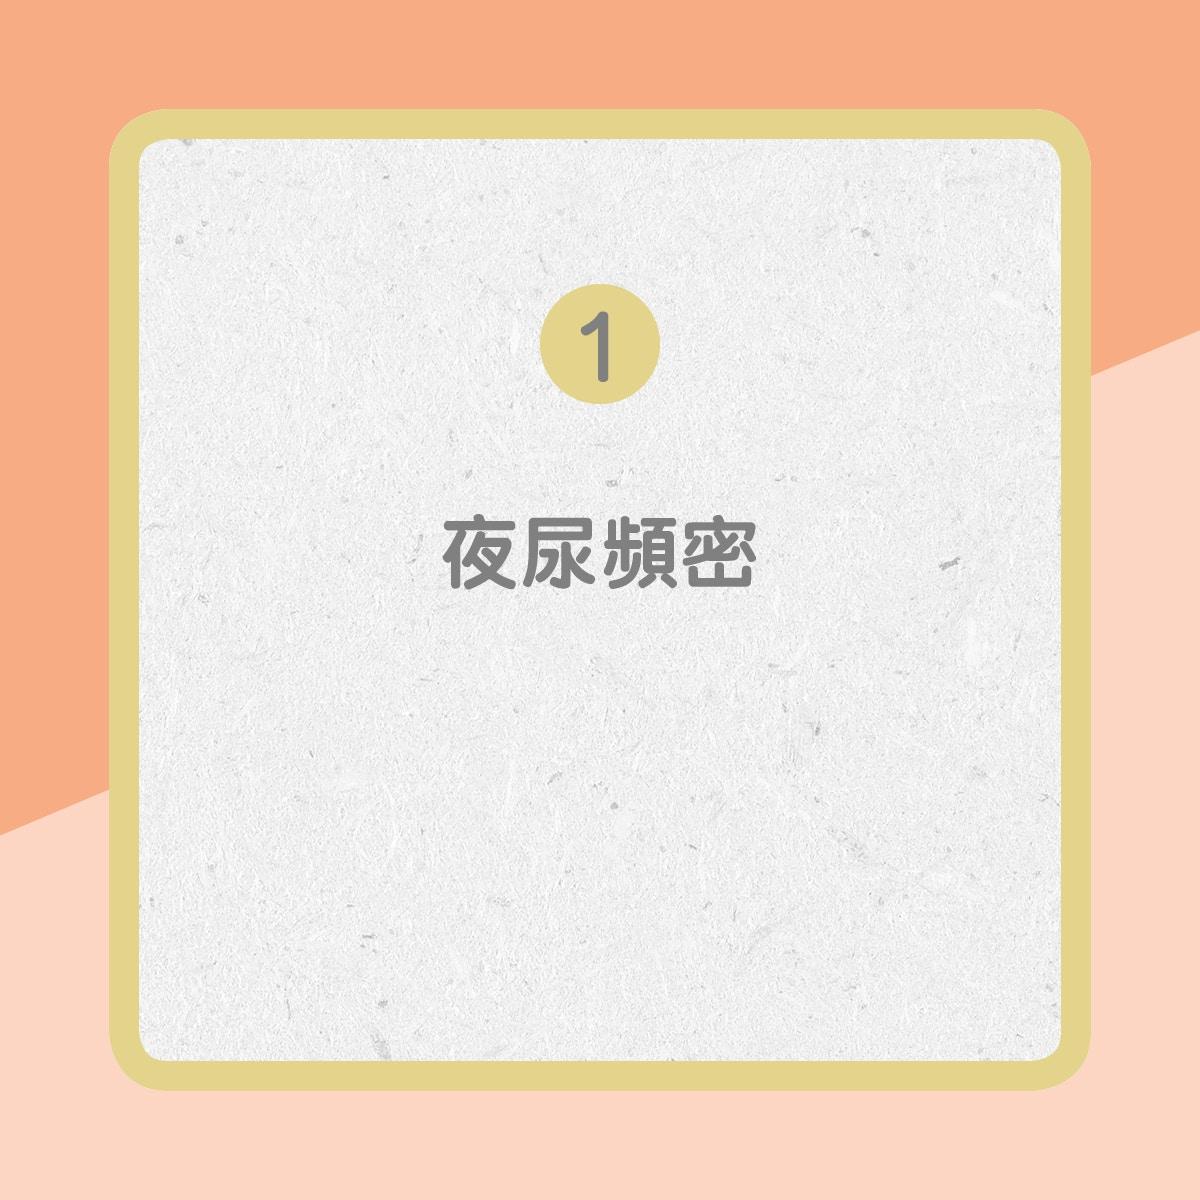 【心臟衰竭病徵】1. 夜尿頻密(01製圖)